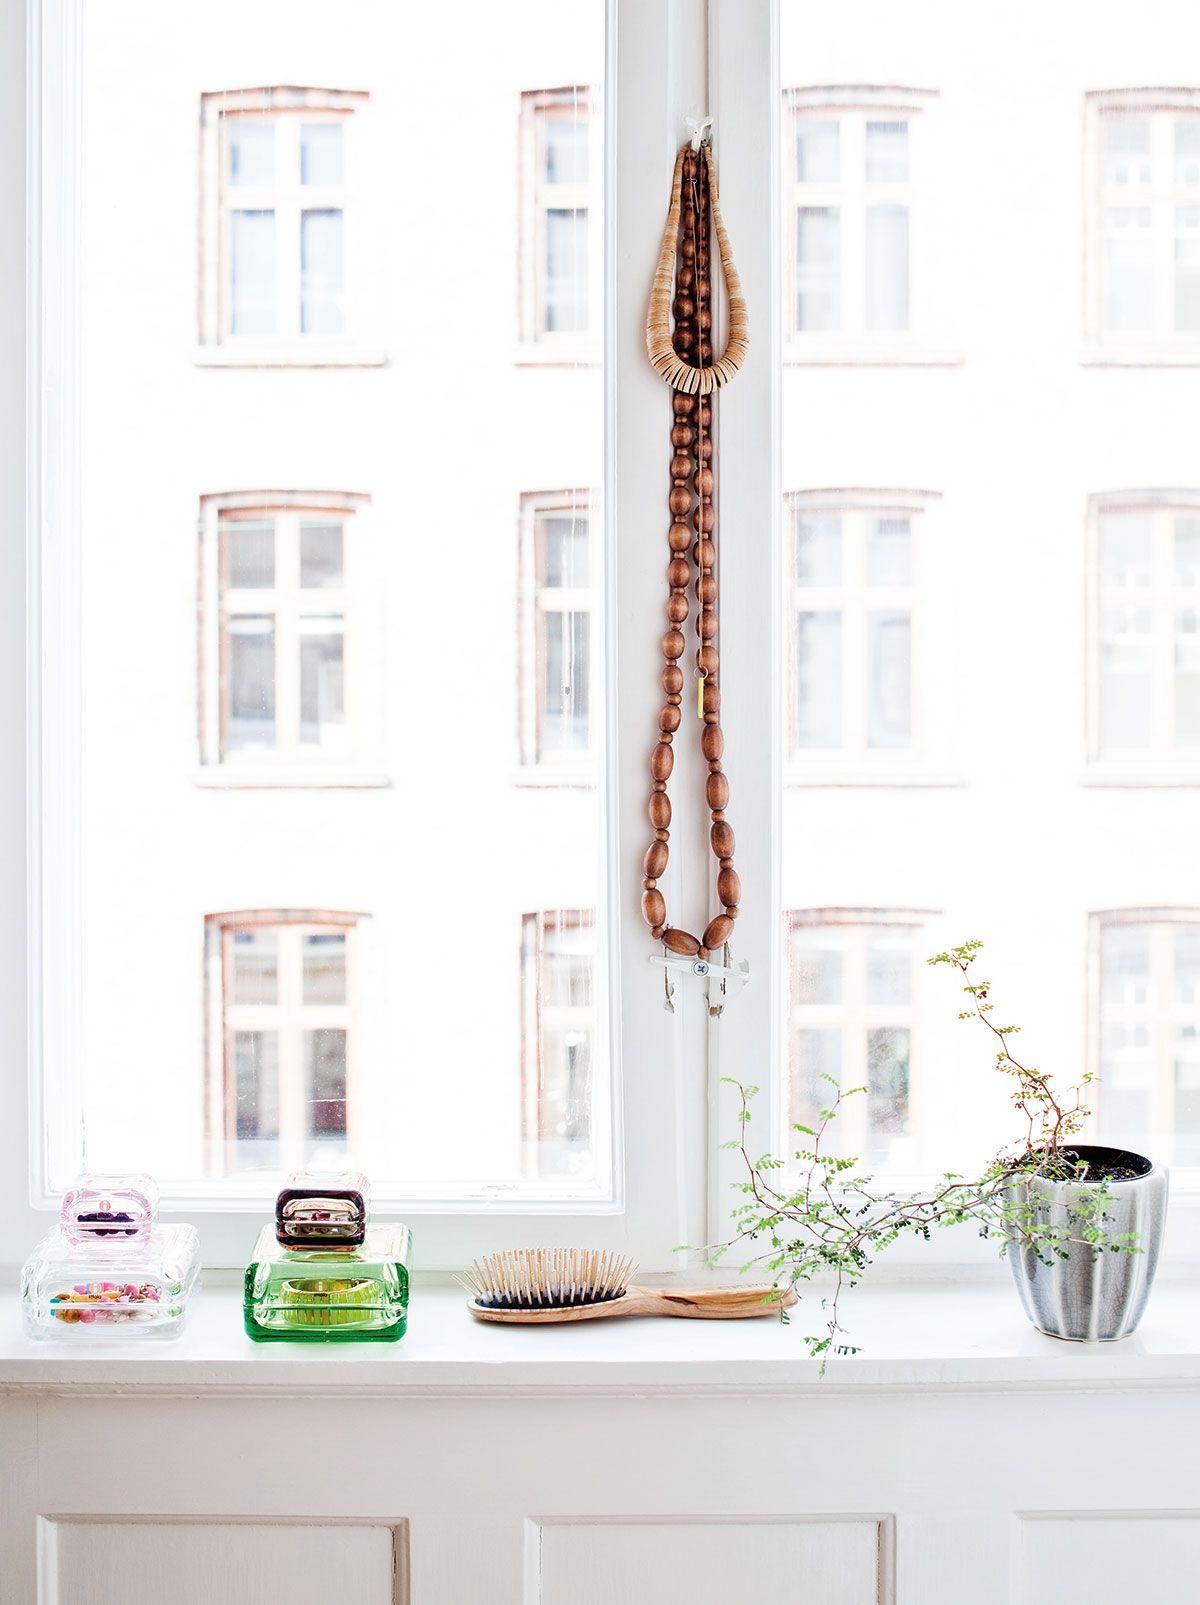 Makuuhuoneen ikkunalaudalle kerätyt Anu Penttisen Iittalalle suunnittelemat Vitriini-rasiat ovat Linan toivelahjoja